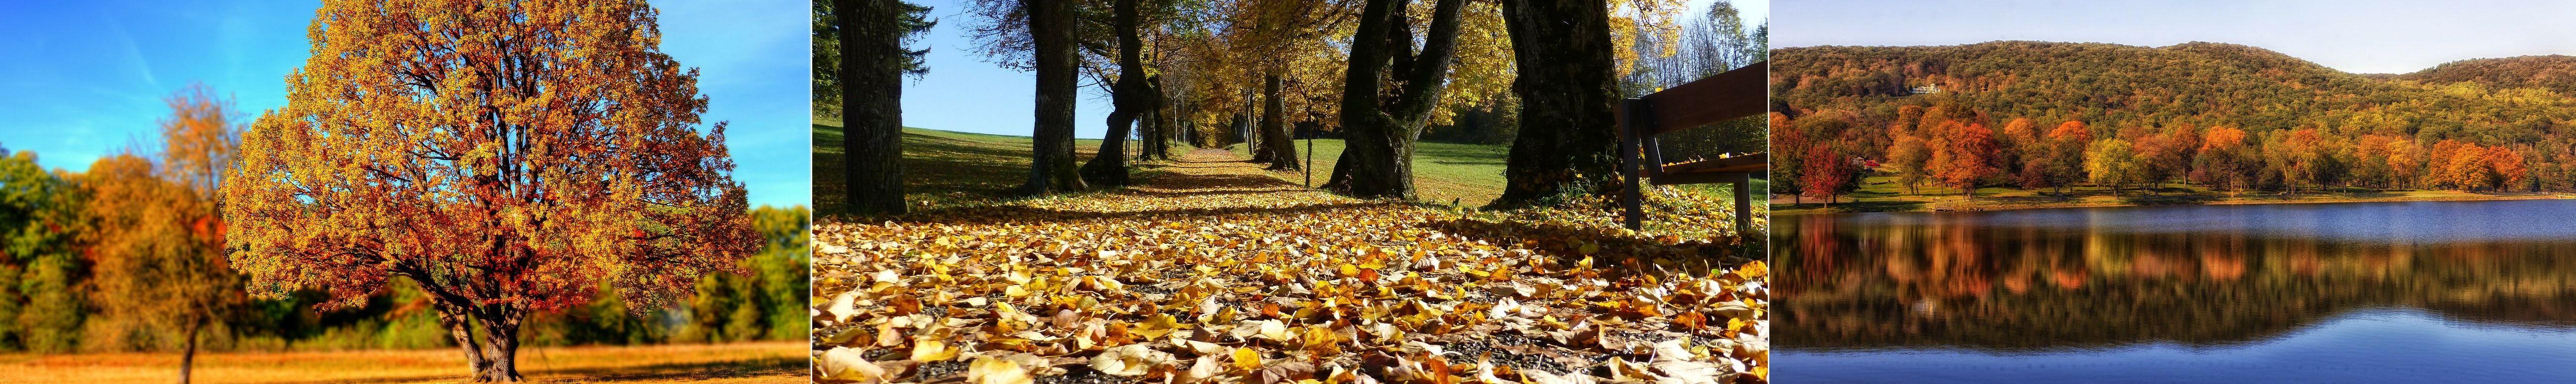 Autumn2